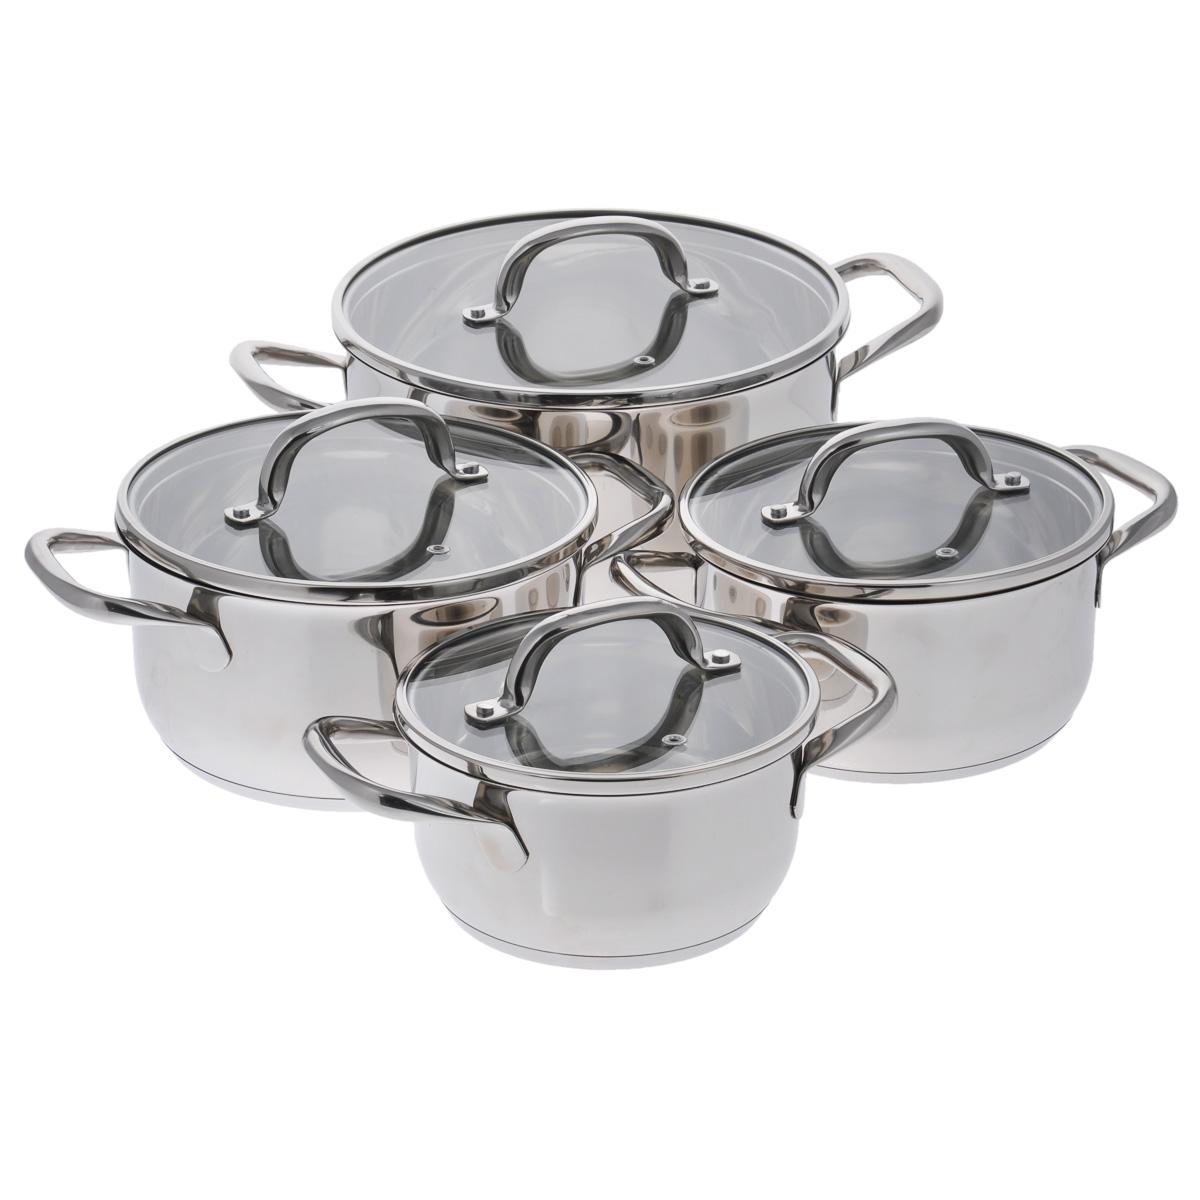 Набор посуды Winner, 8 предметов. WR-1102WR-1102В набор посуды Winner входят 4 кастрюли с крышками. Вся посуда выполнена из высококачественной нержавеющей стали 18/10, а идеально ровная внутренняя поверхность значительно облегчает мытье. Энергосберегающее, капсулированное дно быстро и равномерно распределяет тепло. Зеркальная полировка придает набору особо эстетичный внешний вид. Предметы набора оснащены двумя удобными ручками из нержавеющей стали. Крышки, выполненные из термостойкого стекла с ободком из нержавеющей стали и пароотводом, позволят вам следить за процессом приготовления пищи. Крышки плотно прилегают к краям посуды, предотвращая проливание жидкости и сохраняя аромат блюд.Подходит для газовых, электрических, стеклокерамических и индукционных плит. Можно мыть в посудомоечной машине.Набор посуды Winner - идеальный подарок для современных хозяек, которые следят за своим здоровьем и здоровьем своей семьи. Эргономичный дизайн и функциональность набора позволят вам наслаждаться процессом приготовления любимых, полезных для здоровья блюд. Объем кастрюль: 1,7 л; 2,4 л; 3,2 л; 5,4 л. Внешний диаметр: 17,5 см; 19,5 см; 21,5 см; 25,5 см. Внутренний диаметр: 16 см; 18 см; 20 см; 24 см. Ширина кастрюль с учетом ручек: 25 см; 27 см; 30,5 см; 36 см.Диаметр крышек: 17 см; 19 см; 21 см; 25 см.Высота стенок: 8,8 см; 9,8 см; 10,8 см; 12,5 см.Толщина стенки: 0,7 мм.Толщина дна: 4 мм.Диаметр дна: 13,5 см; 15,5 см; 17,5 см; 21 см.